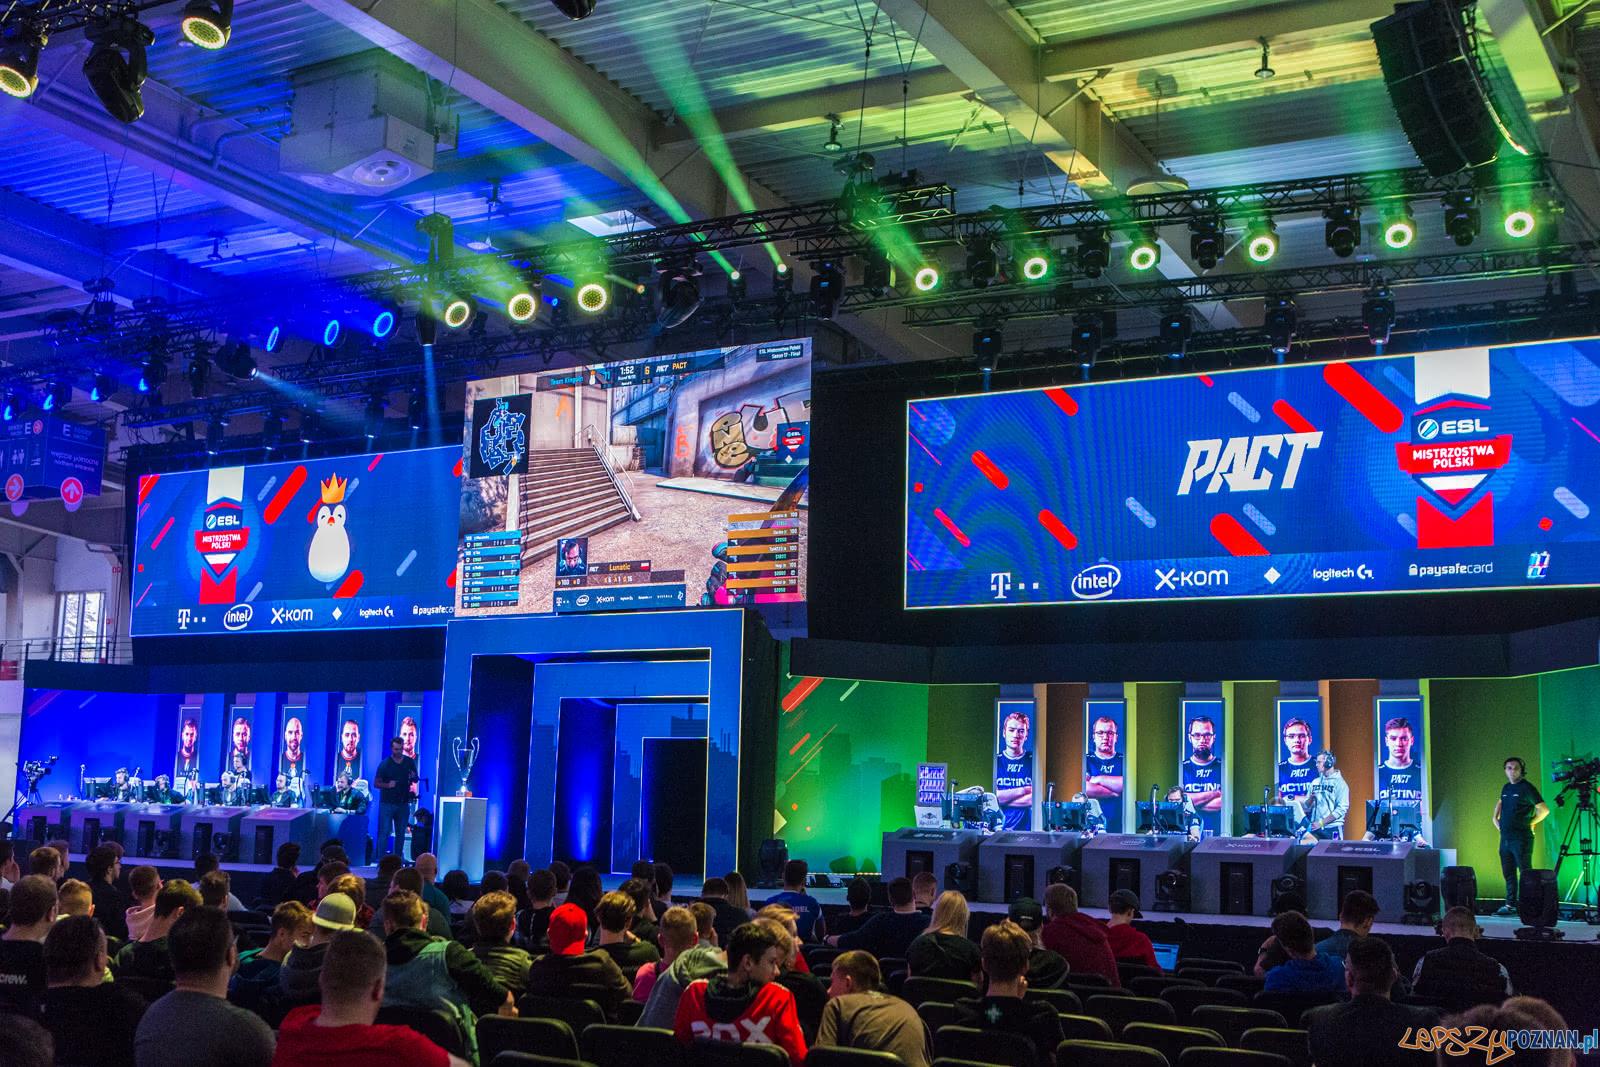 Poznań Game Arena 2018 - Poznań 12.10.2018 r.  Foto: LepszyPOZNAN.pl / Paweł Rychter